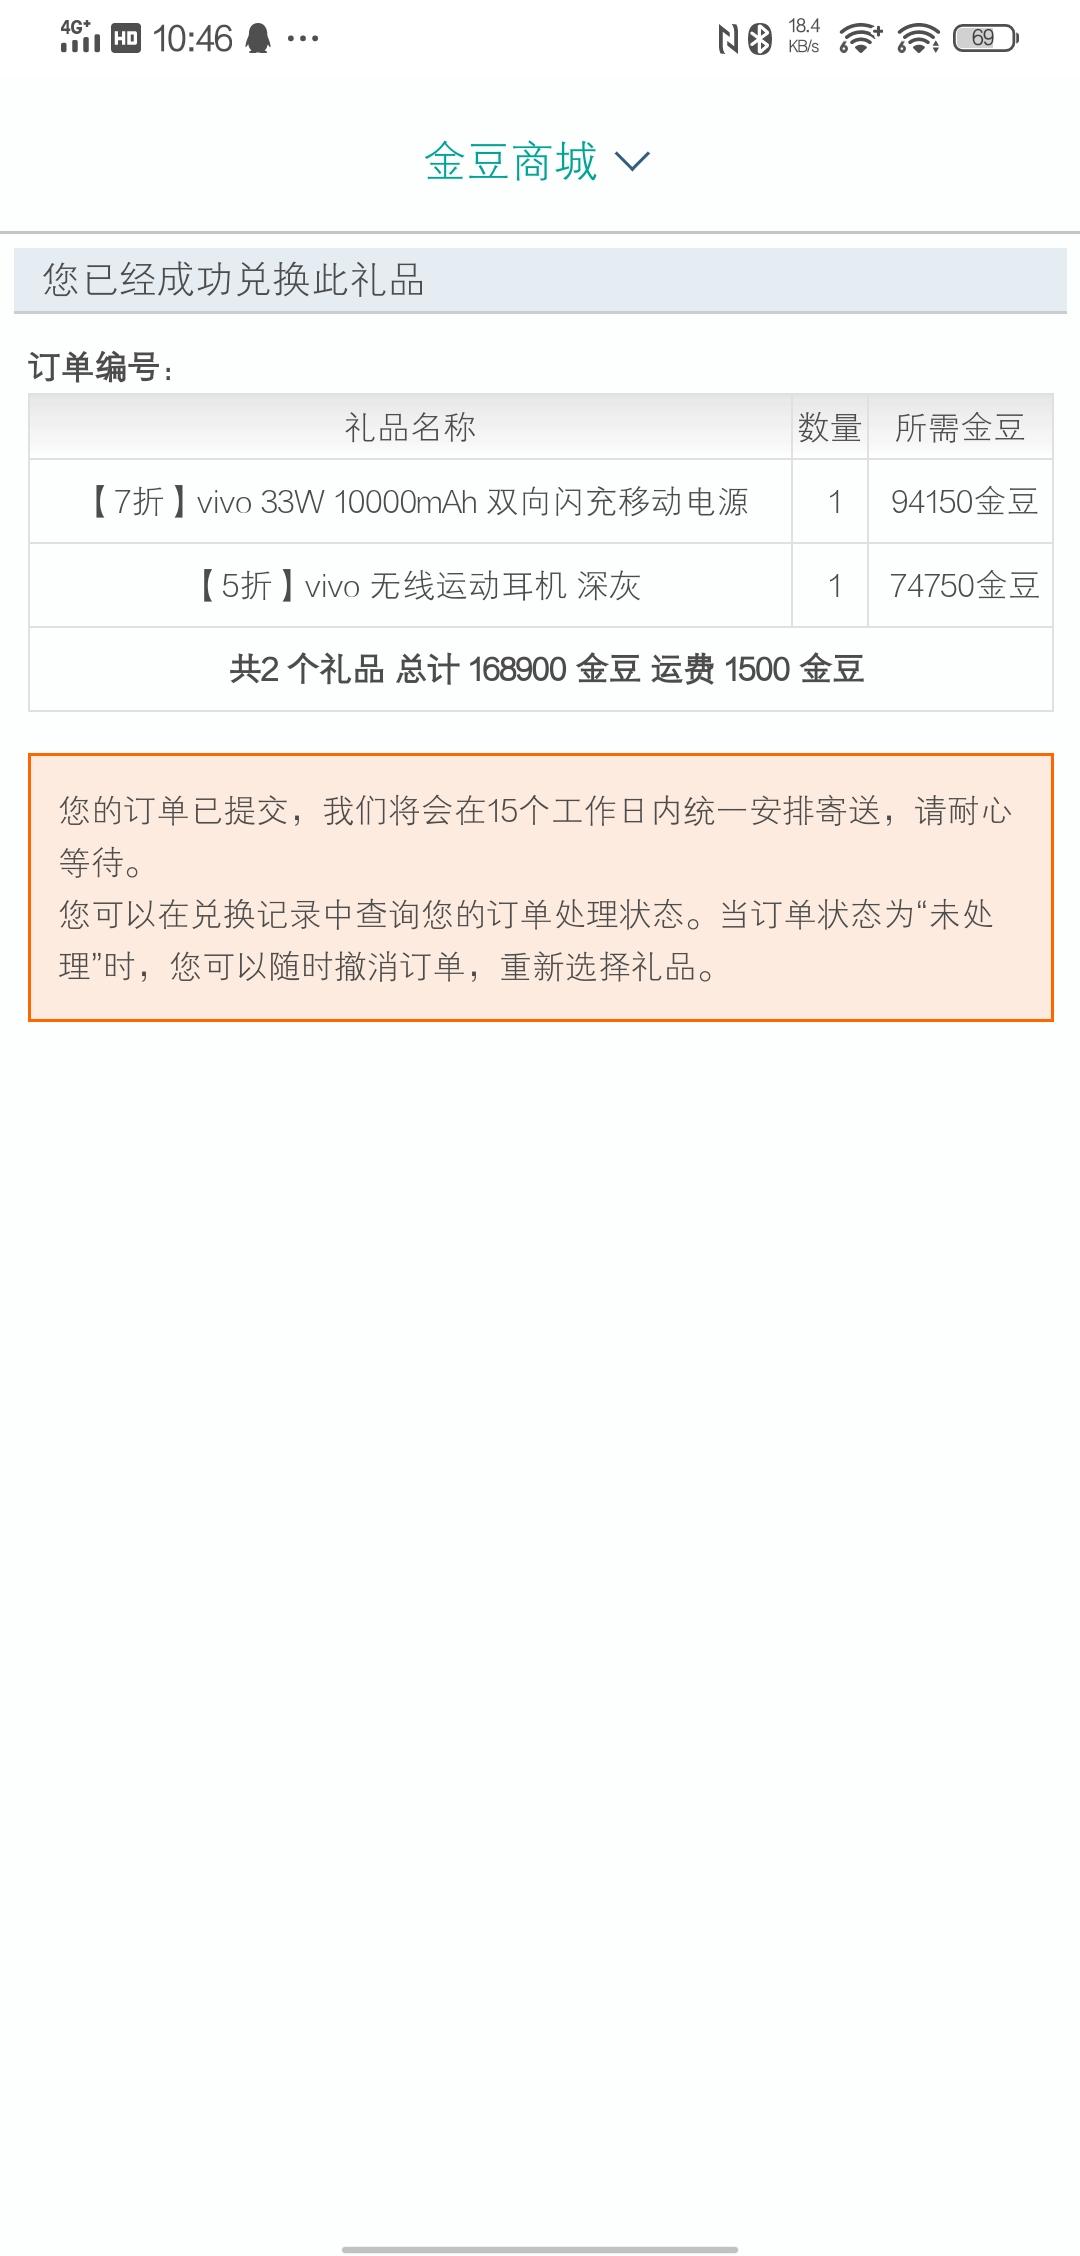 Screenshot_20200709_104608.jpg